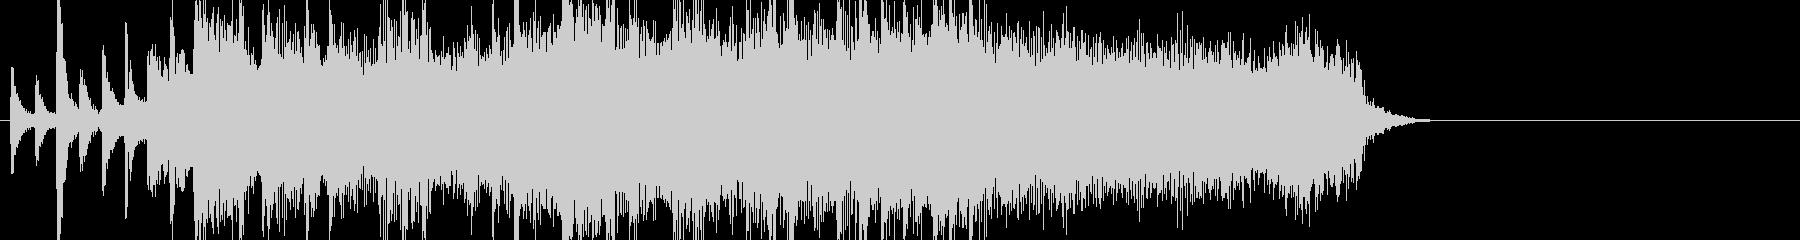 エキサイティングなロックジングルの未再生の波形